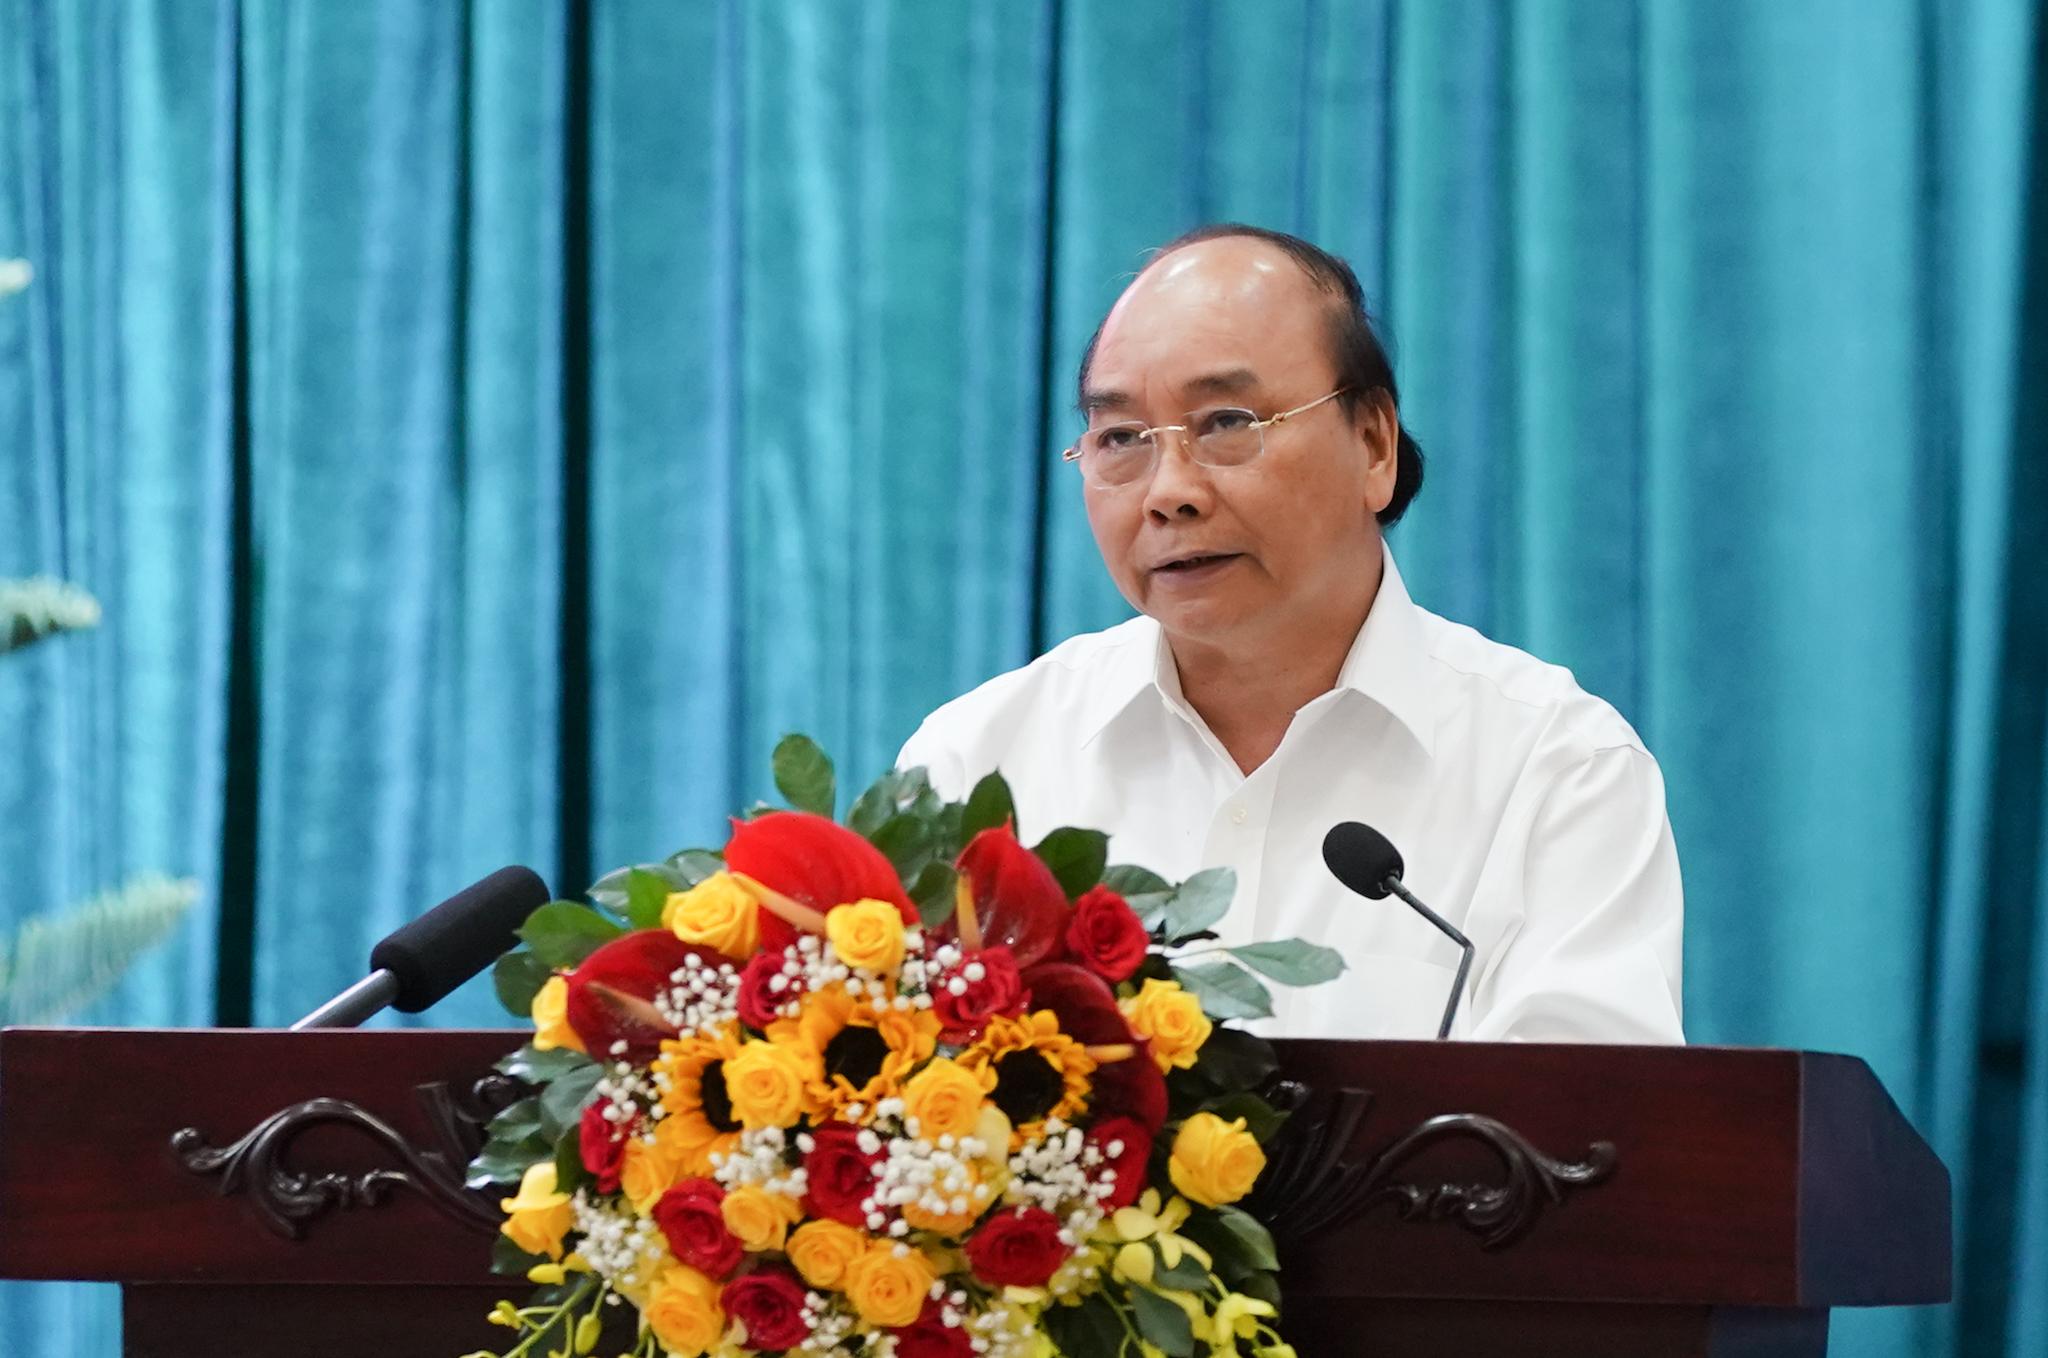 Thủ tướng kết luận cuộc làm việc với 13 tỉnh, thành phố ĐBSCL. - Ảnh: VGP/Quang Hiếu